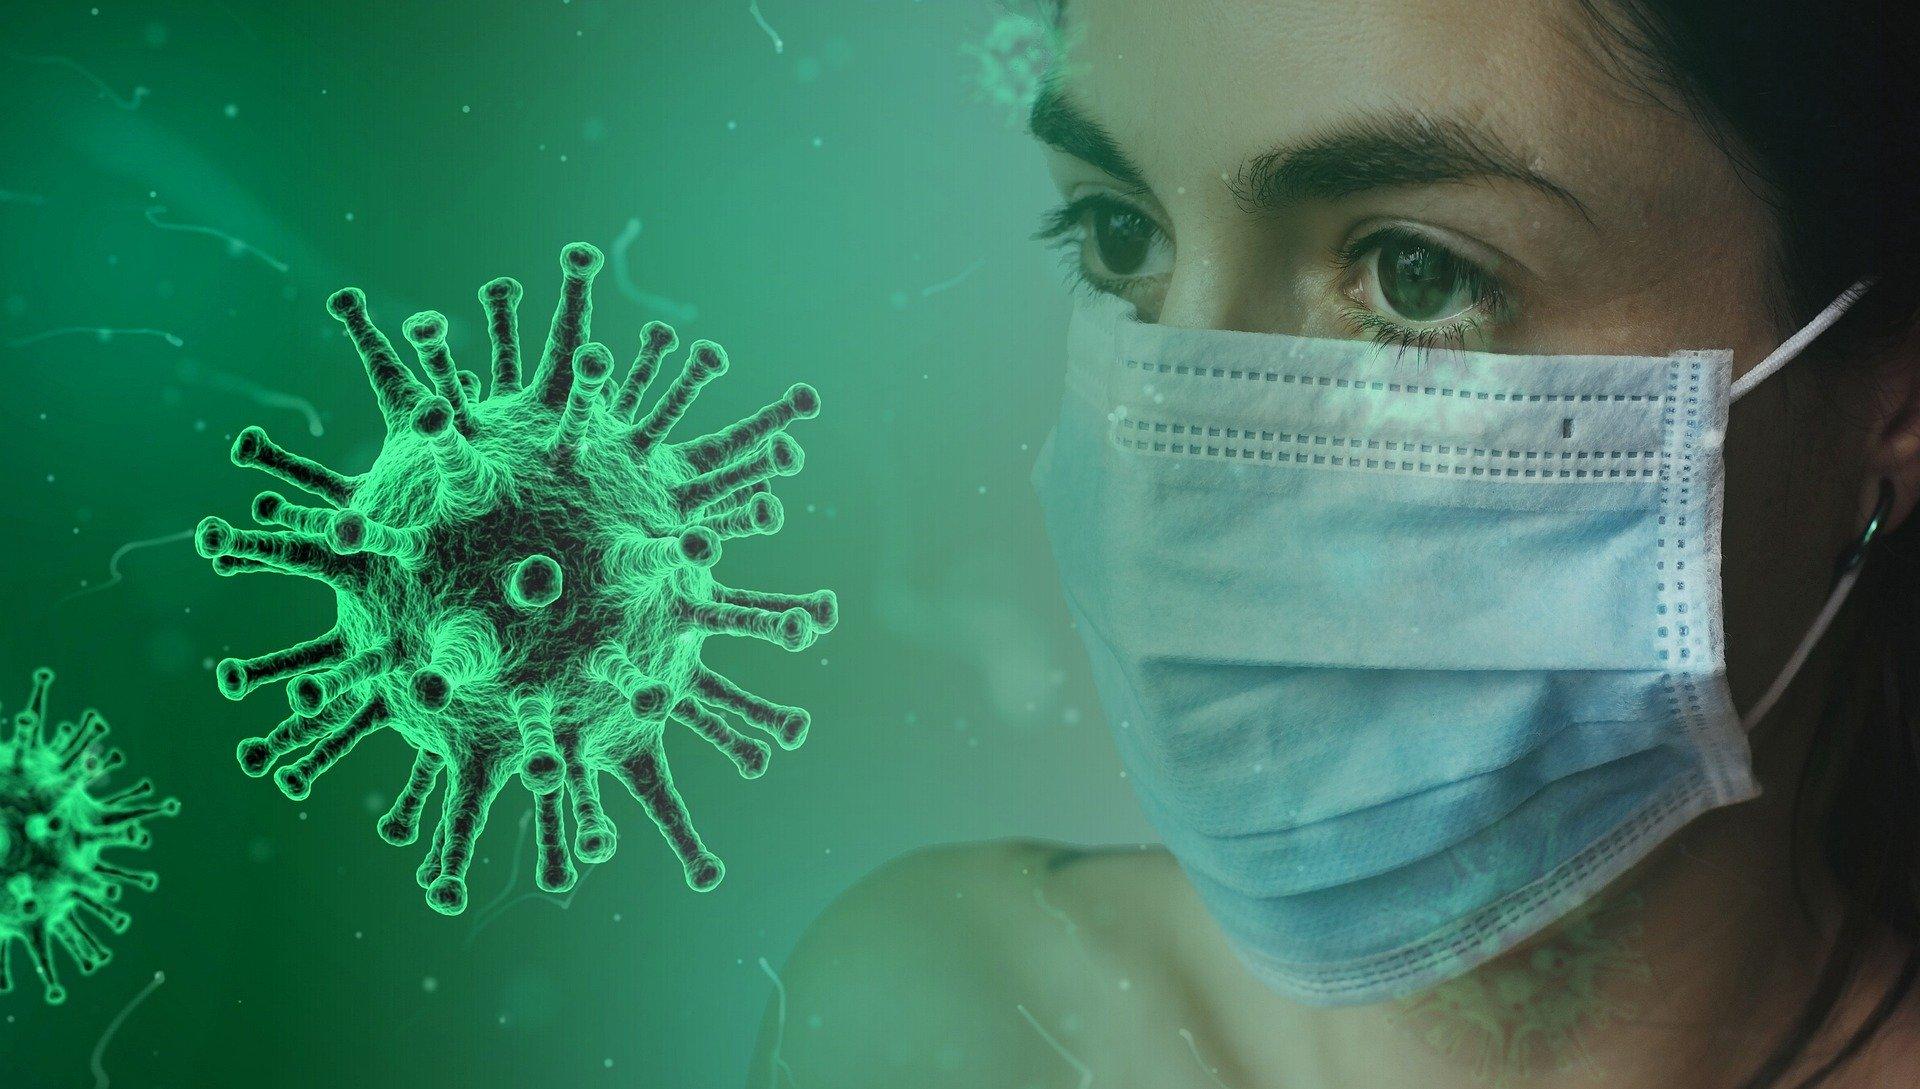 Coronavirus: Nosotros también nos quedamos en casa